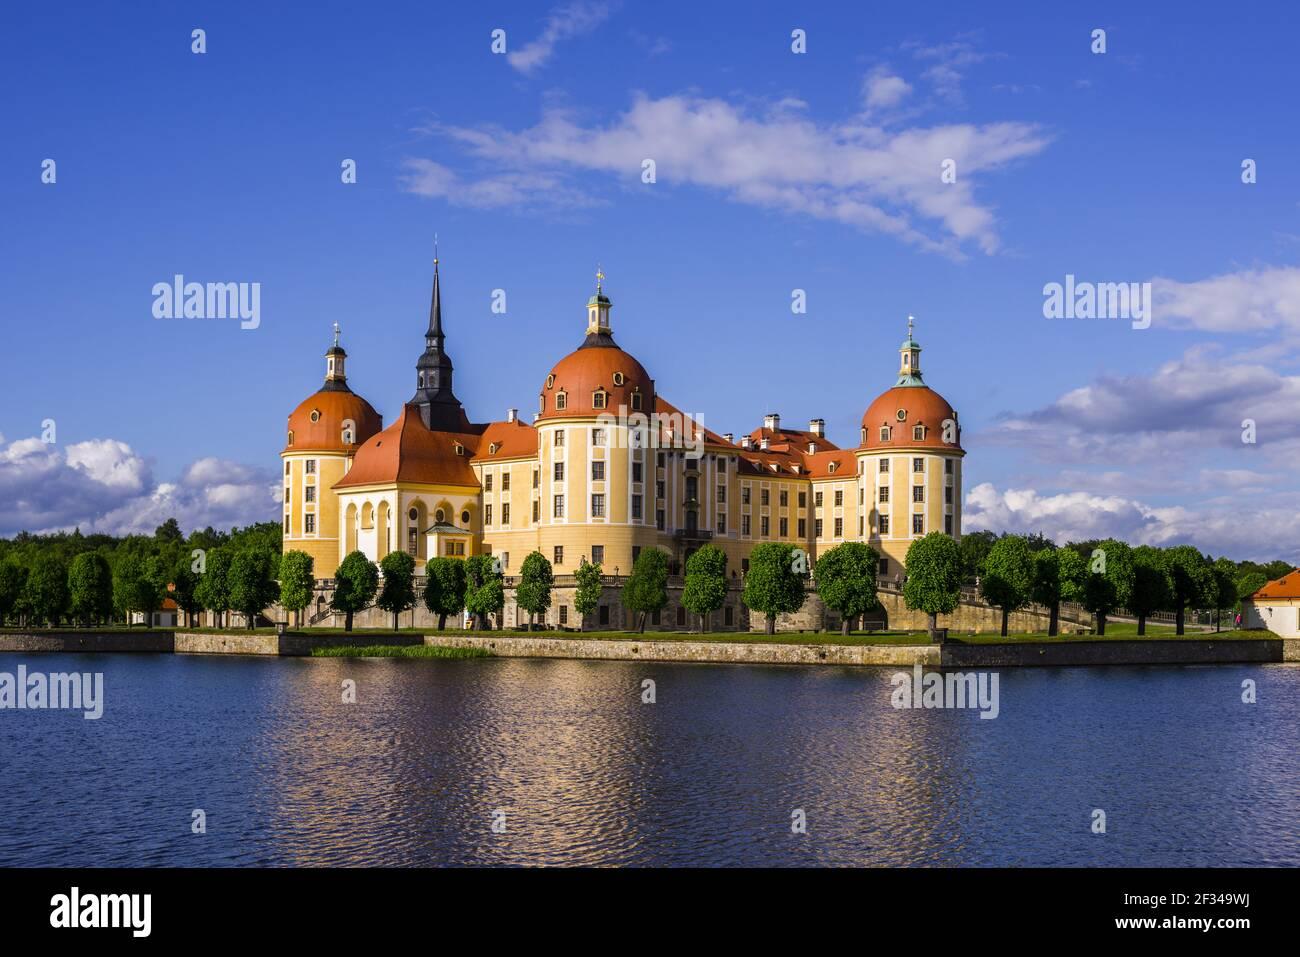 Geographie / Reisen, Deutschland, Sachsen, Schloss Moritzburg, Gemeinde Moritzburg in Dresden, Sachsen, Freedom-of-Panorama Stockfoto